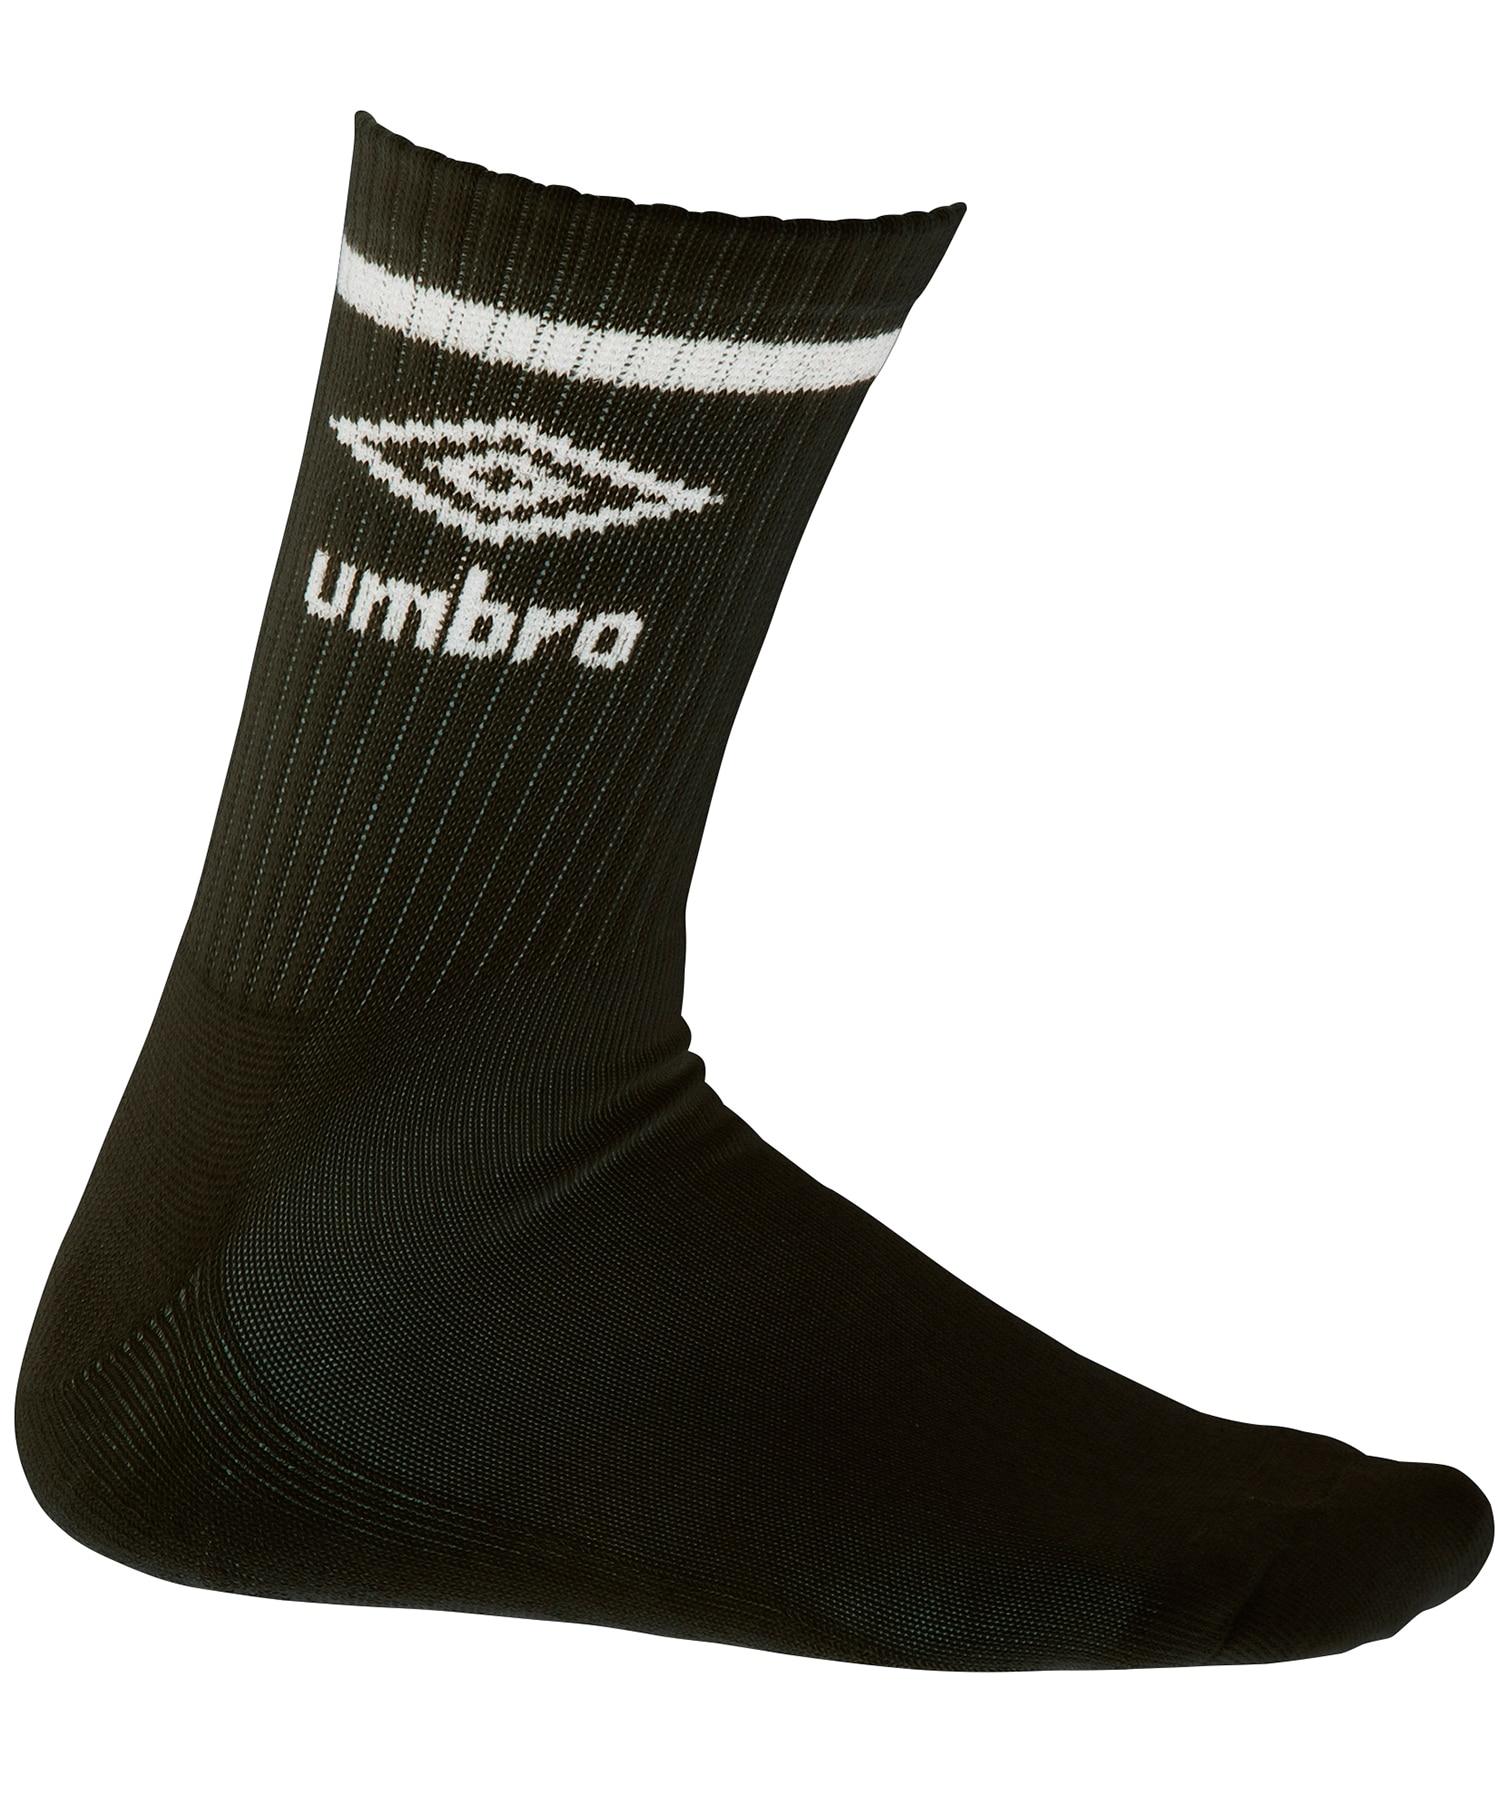 Umbro 3pk tennis sokker